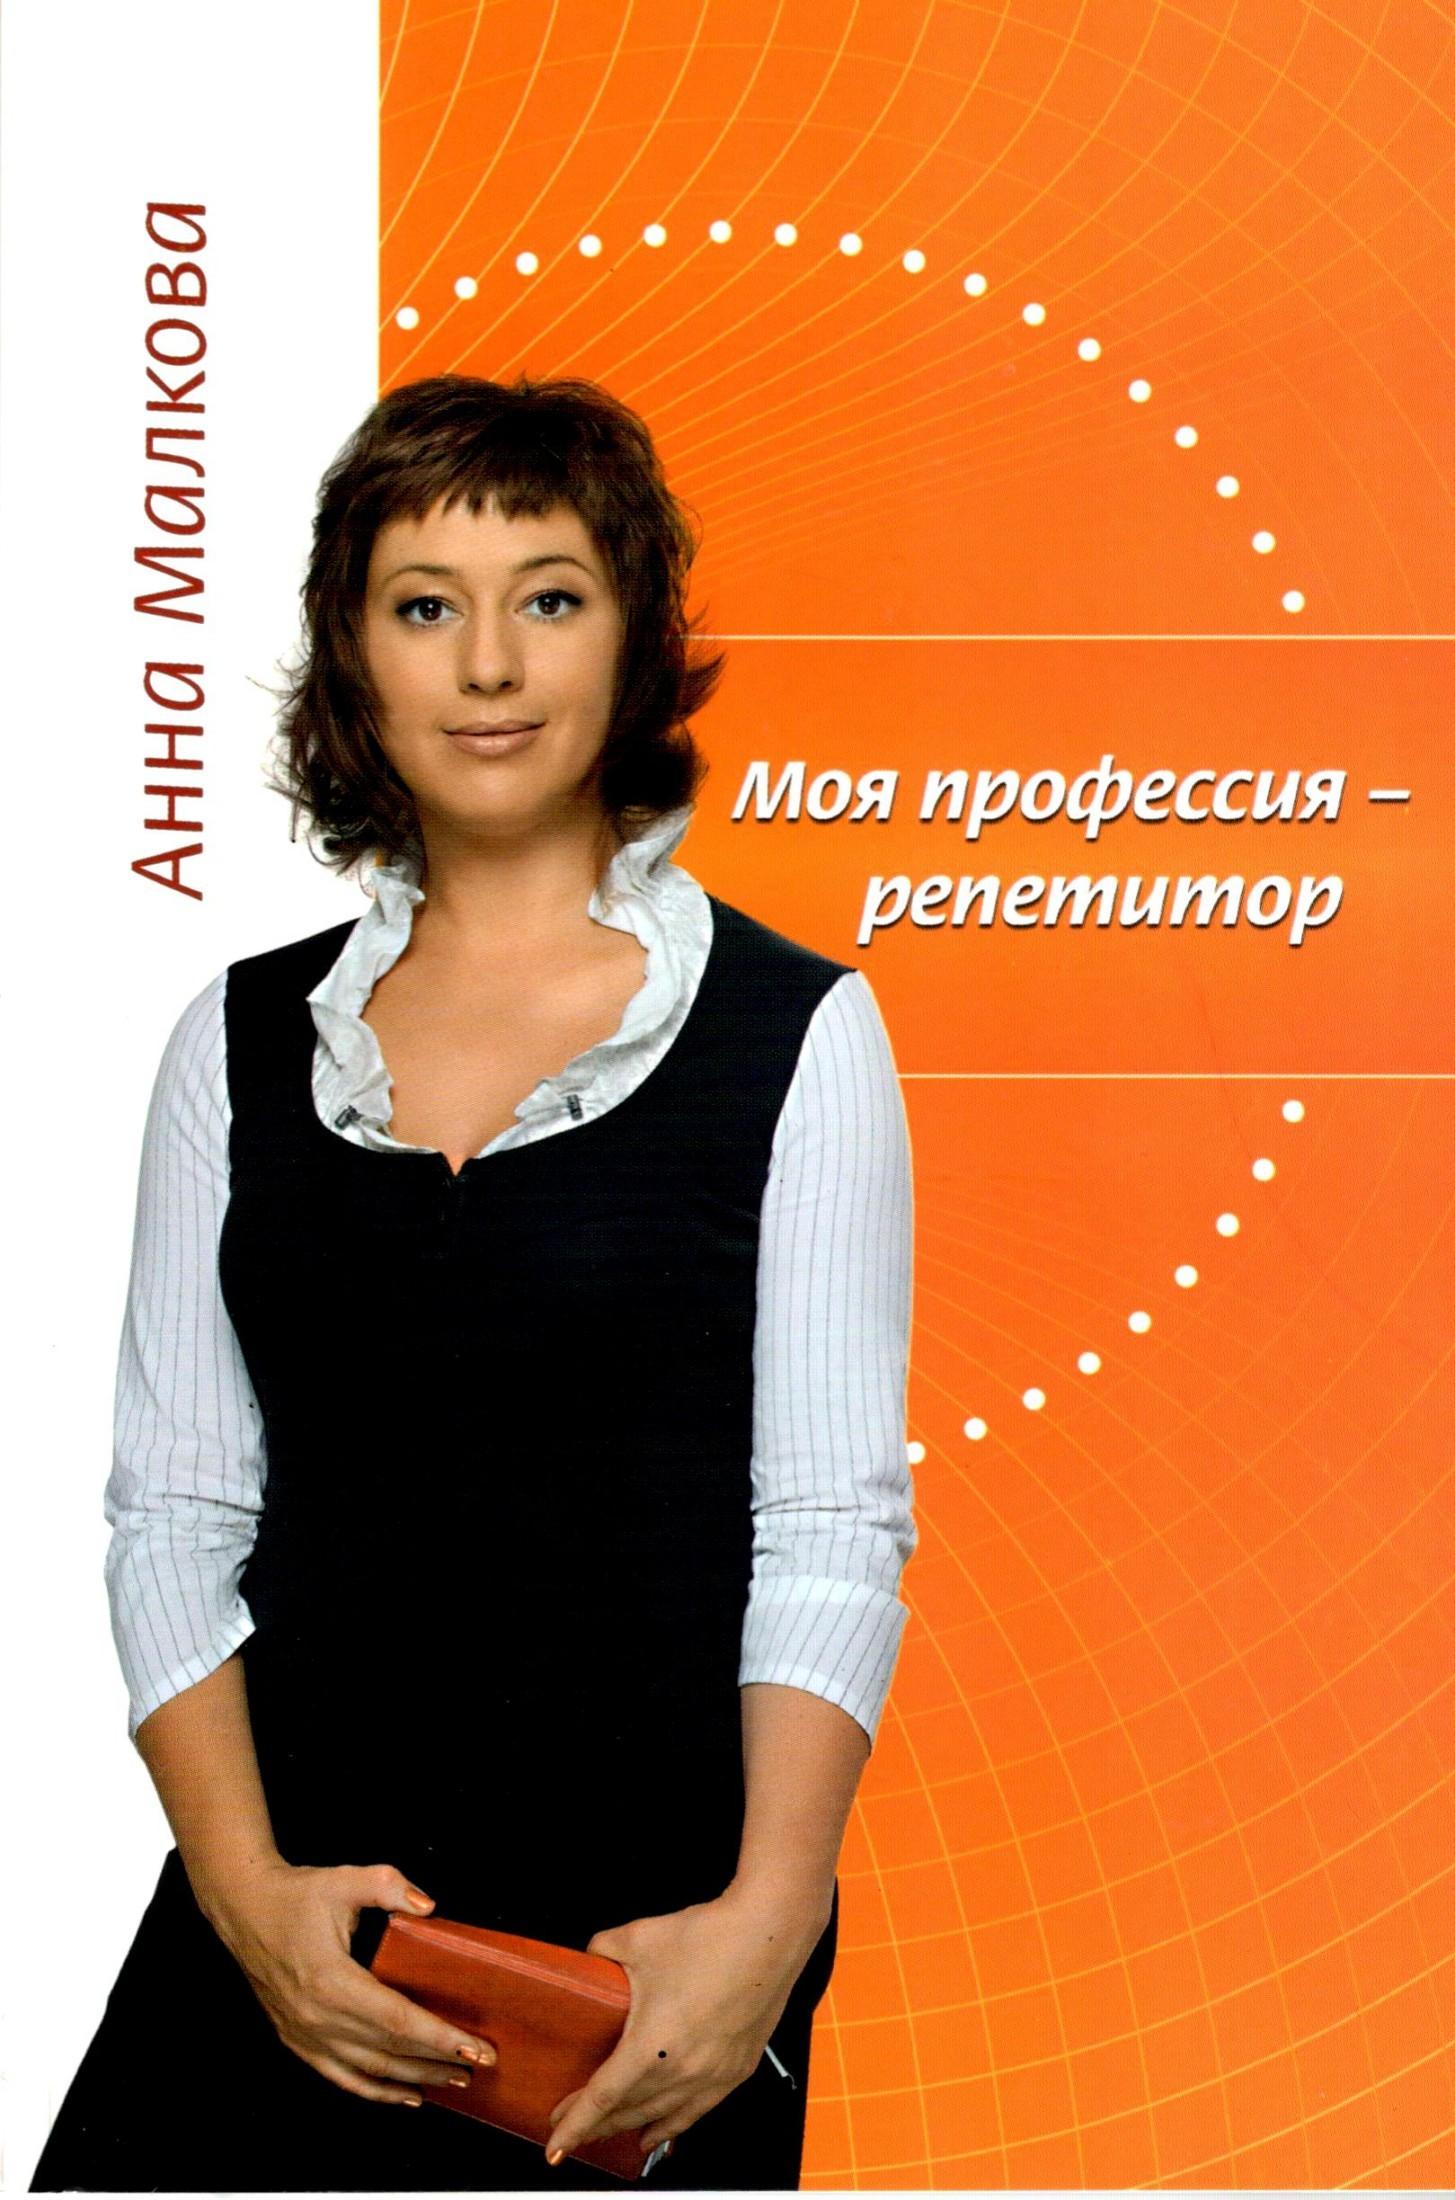 Моя профессия – репетитор ( Анна Георгиевна Малкова  )